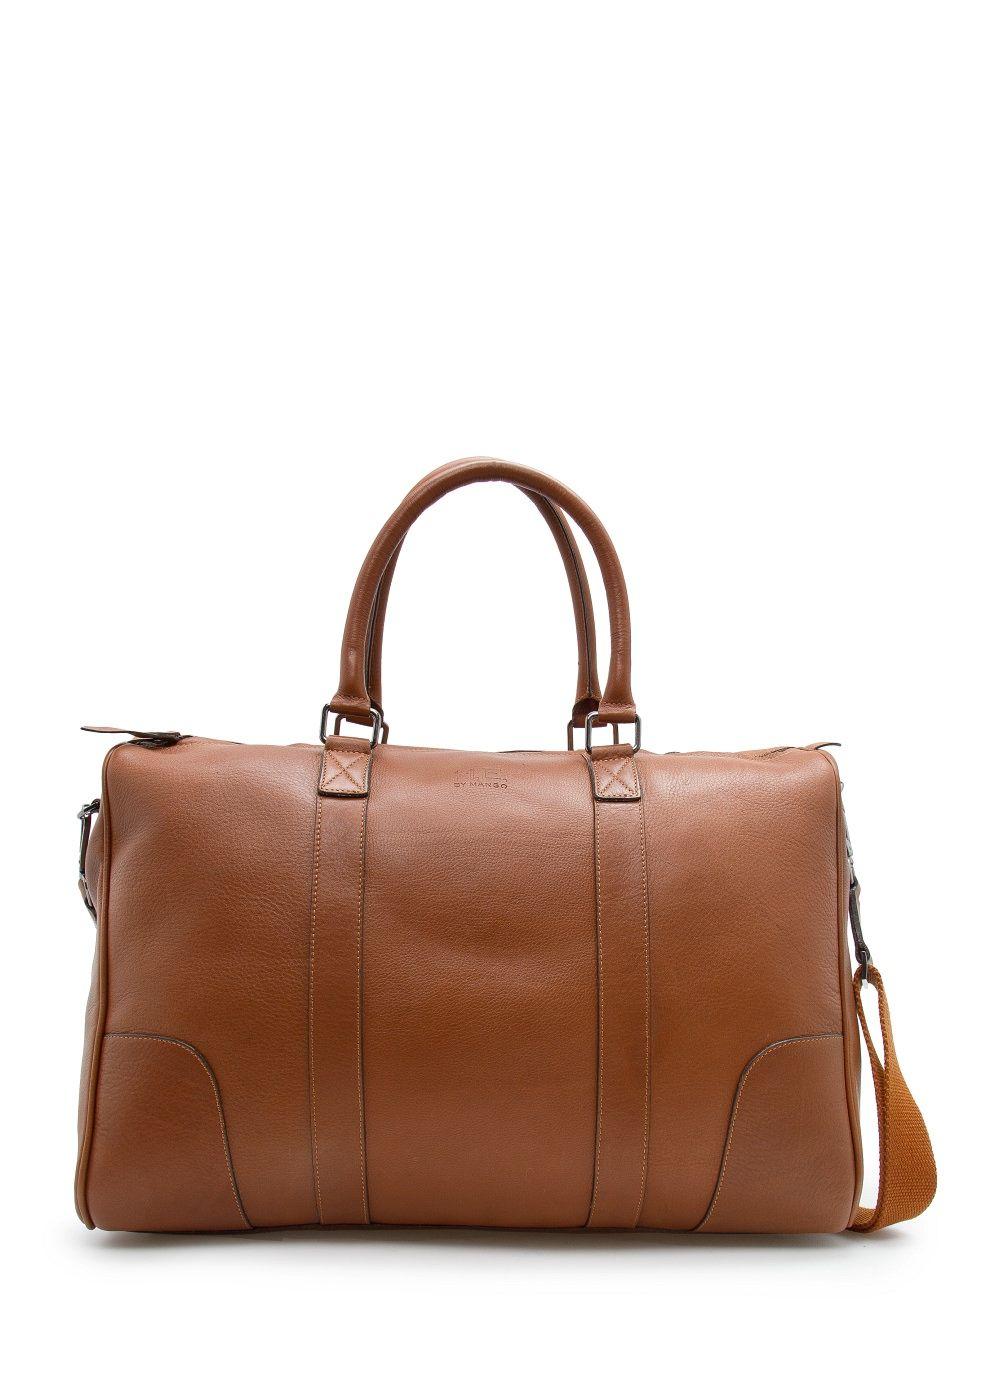 sac week end cuir homme sacs mens weekend bag bags. Black Bedroom Furniture Sets. Home Design Ideas